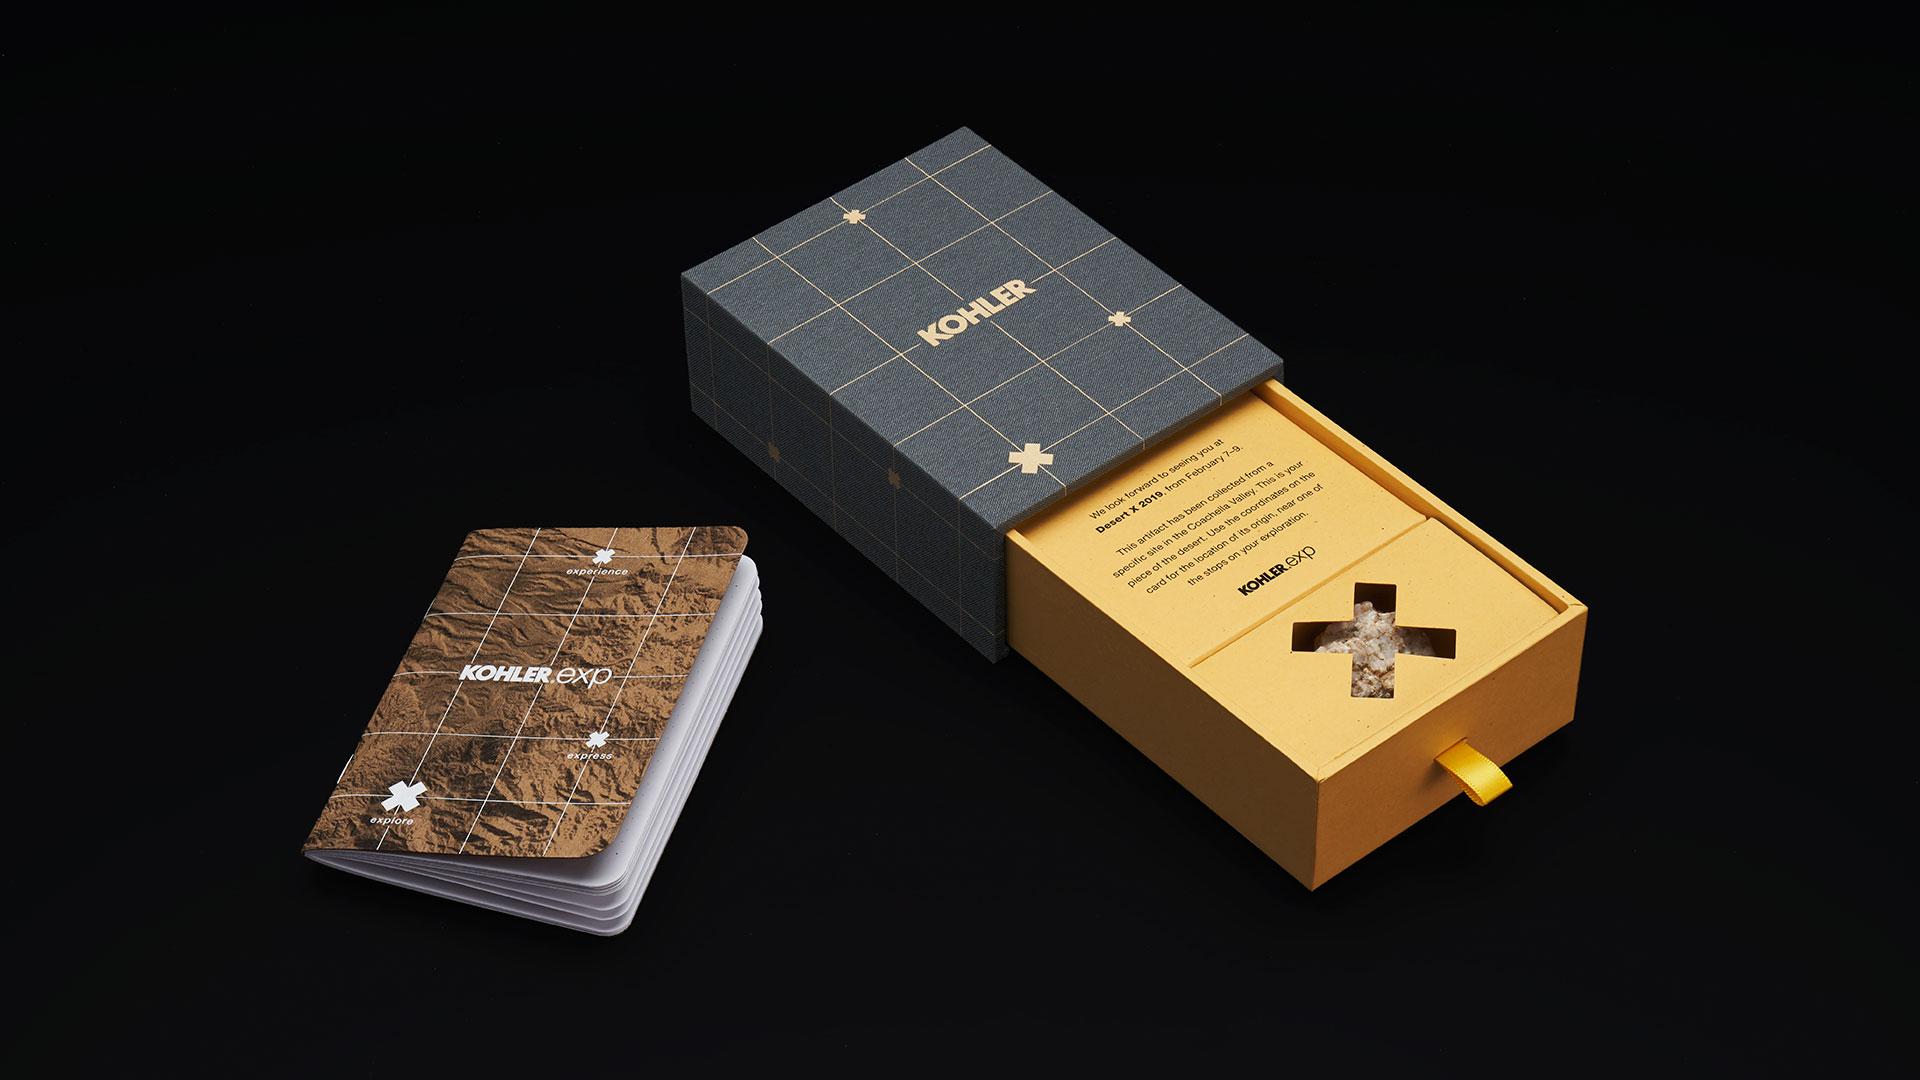 Luxury invitations by Kohler for the Desert X event